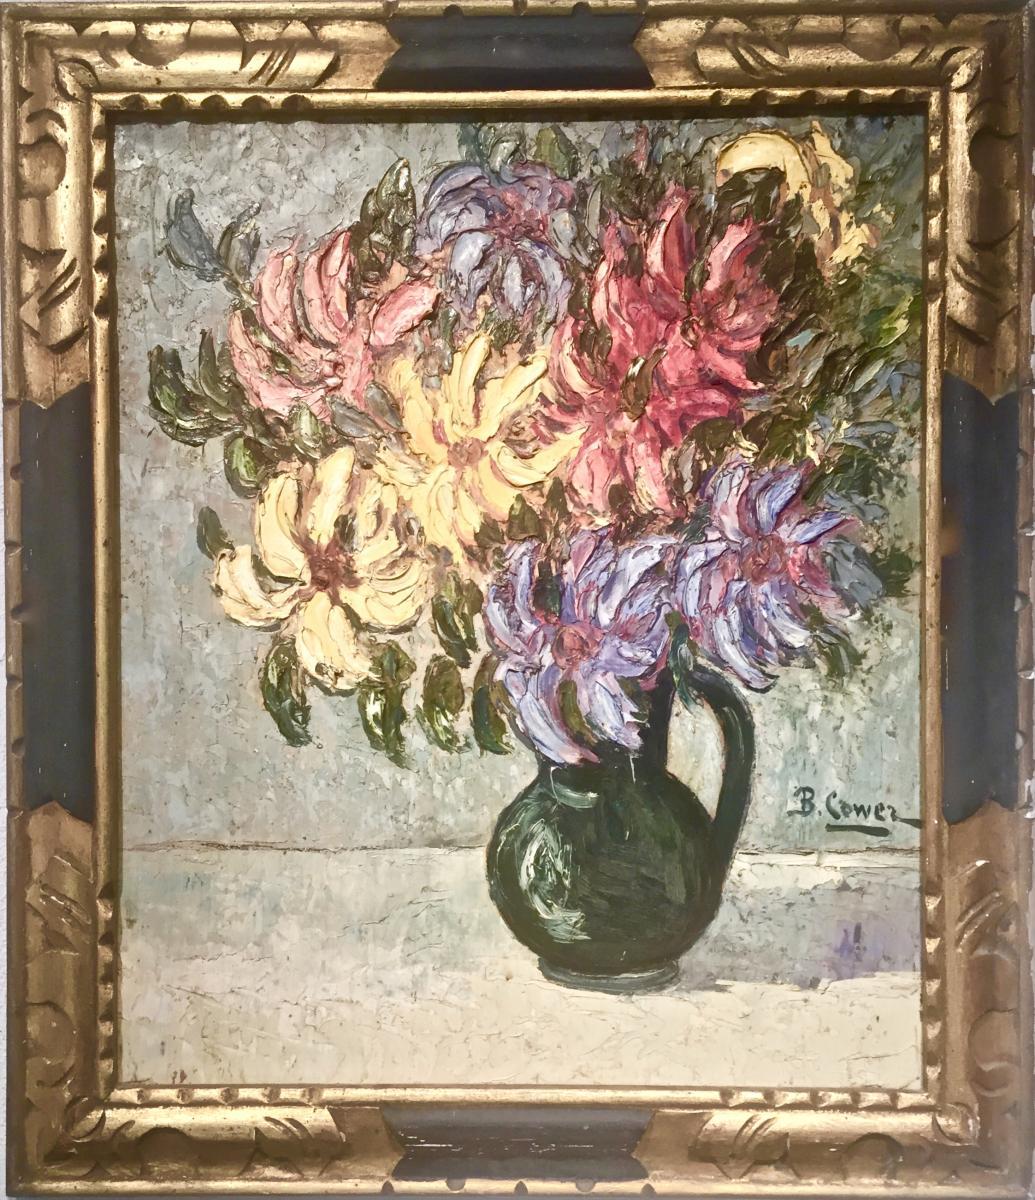 Flower Bouquet - Bernard Cowez (xix / XX)